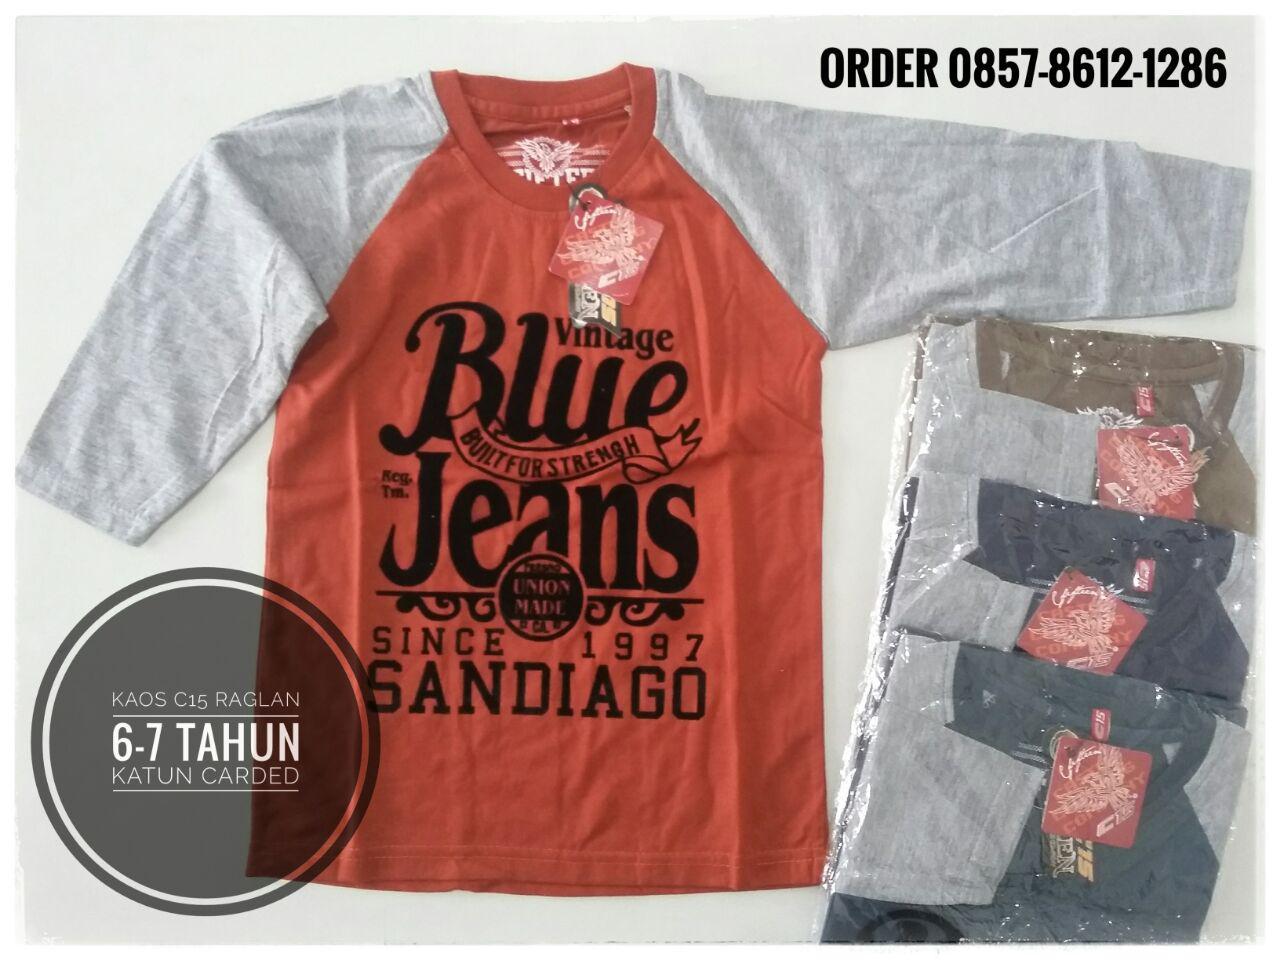 ObralanBaju.com Obral Baju Pakaian Murah Meriah 5000 Jogger Jeans Anak